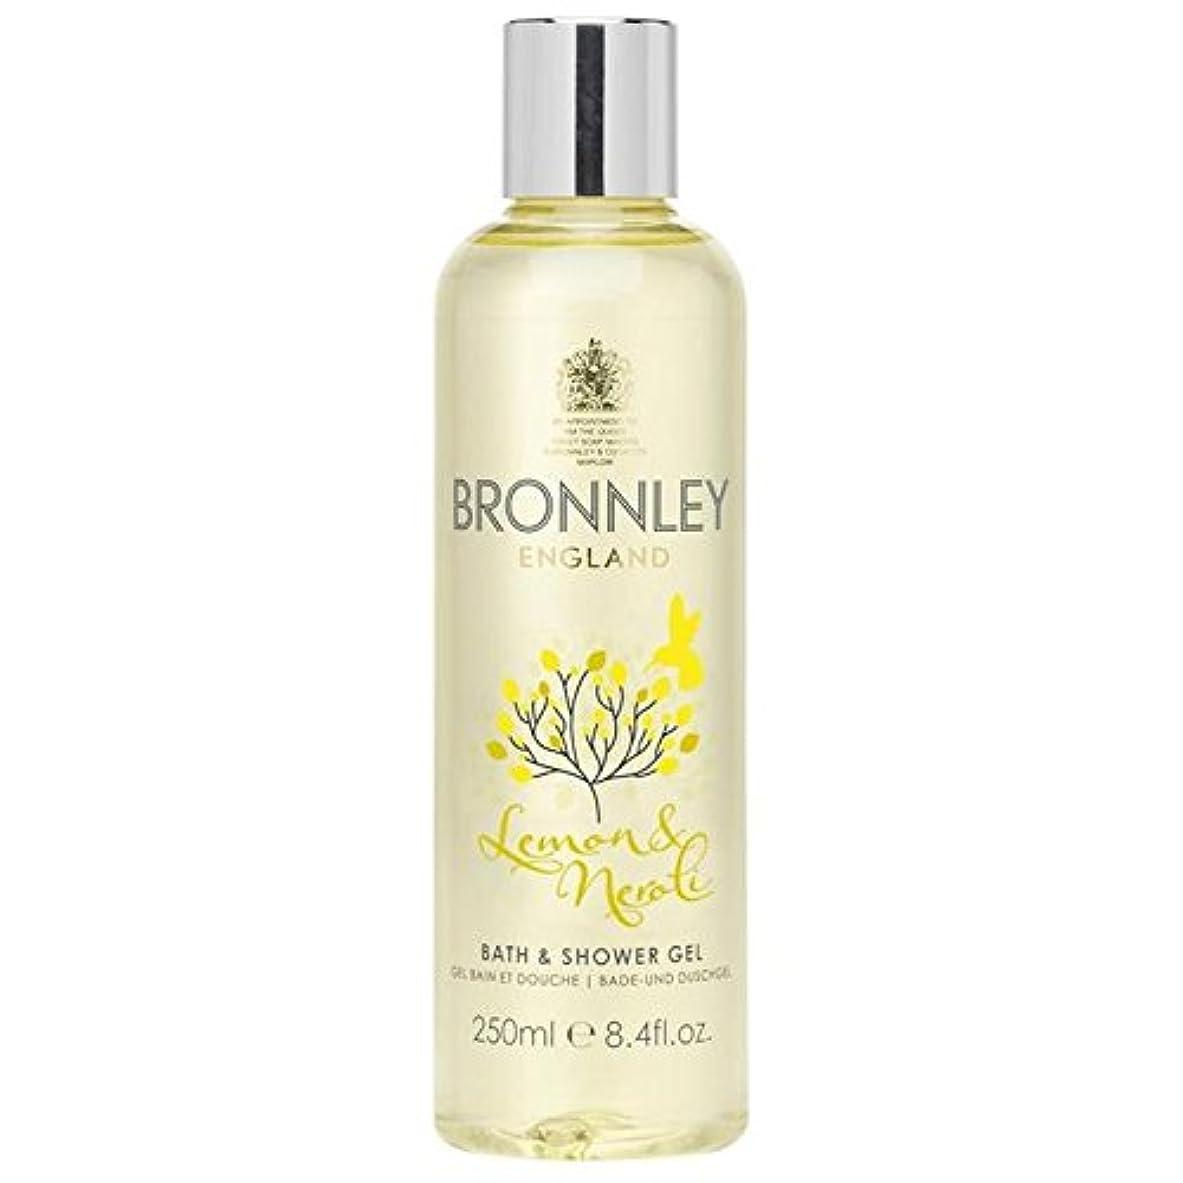 支配する癒す先祖レモン&ネロリバス&シャワージェル250ミリリットル x2 - Bronnley Lemon & Neroli Bath & Shower Gel 250ml (Pack of 2) [並行輸入品]